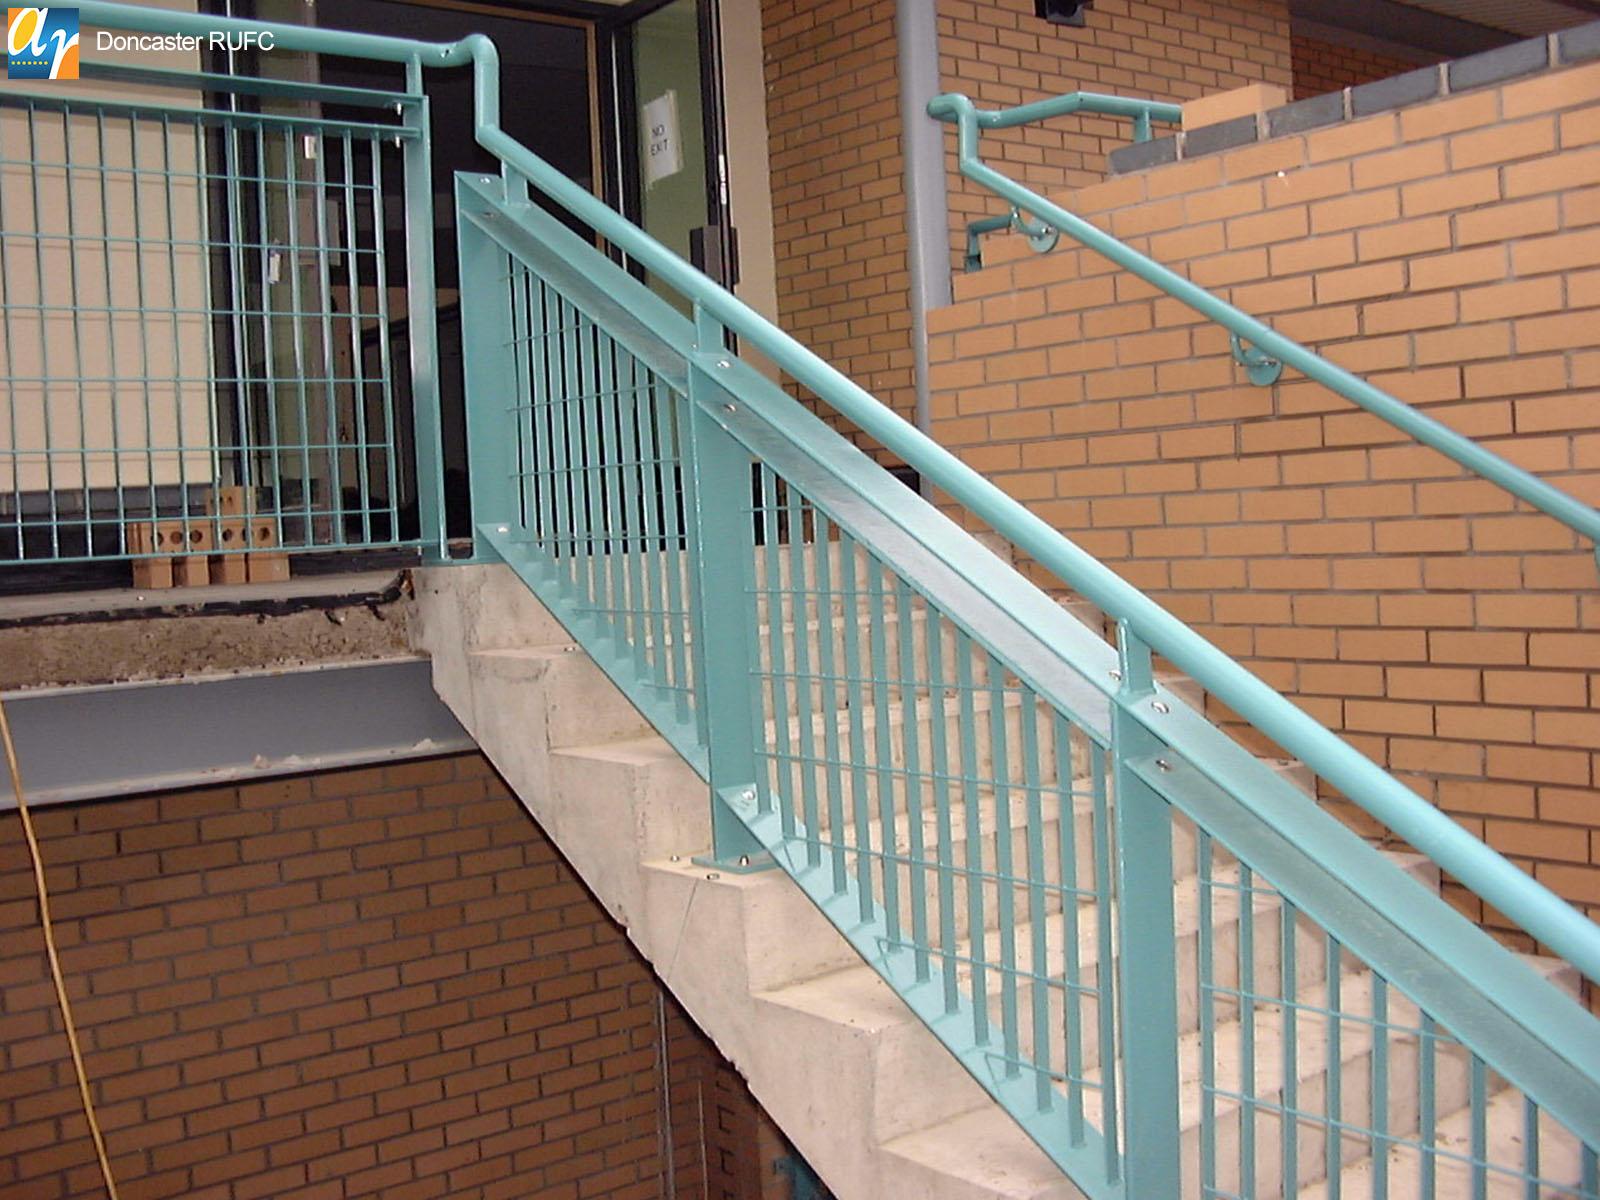 Doncaster RUFC metal balustrade